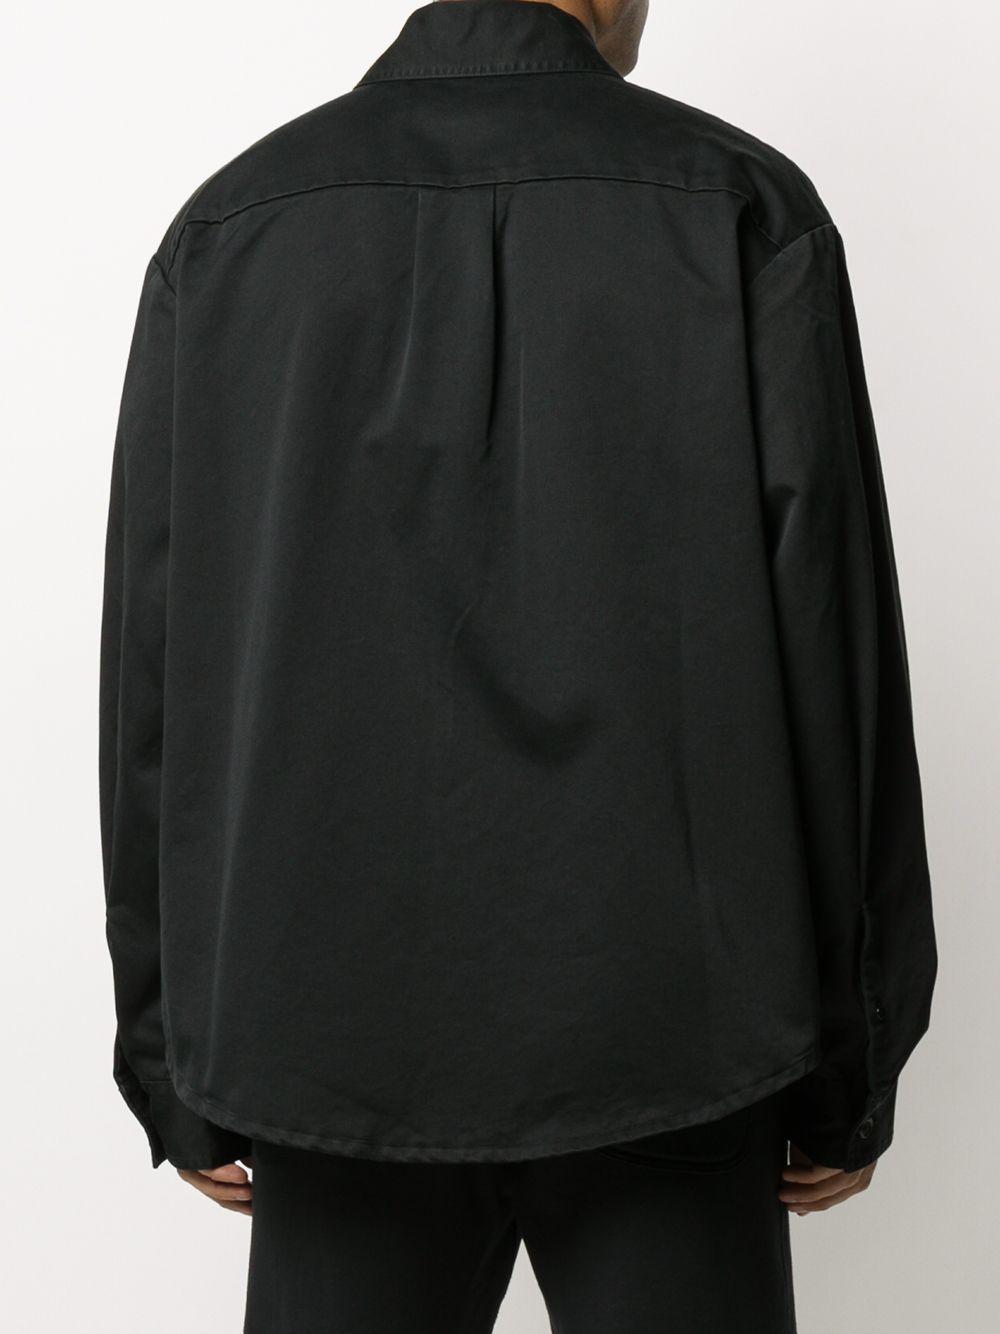 Off-White c/o Virgil Abloh Denim Oversized Overhemd in het Zwart voor heren